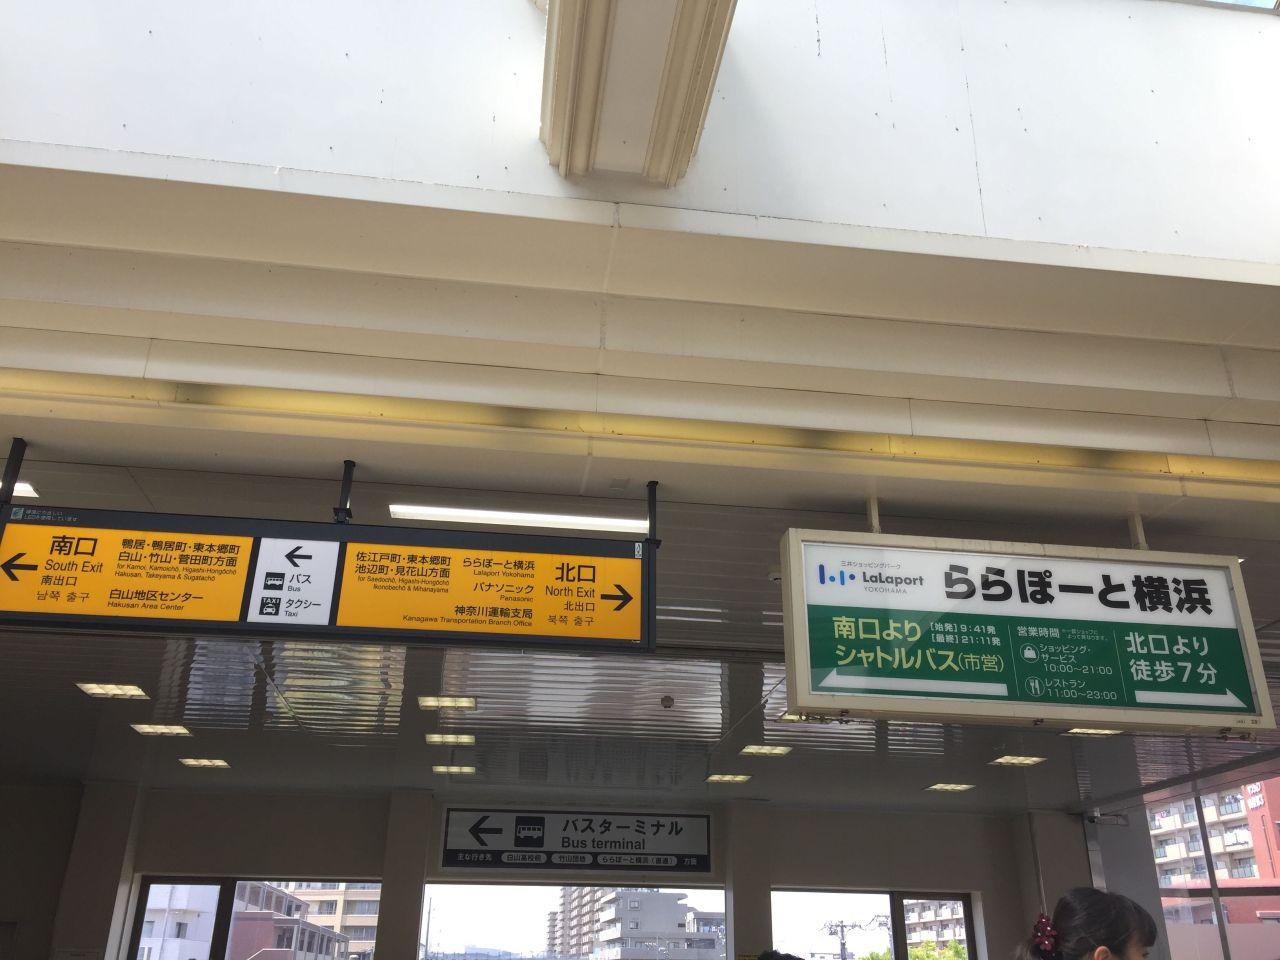 ららぽーと 駅